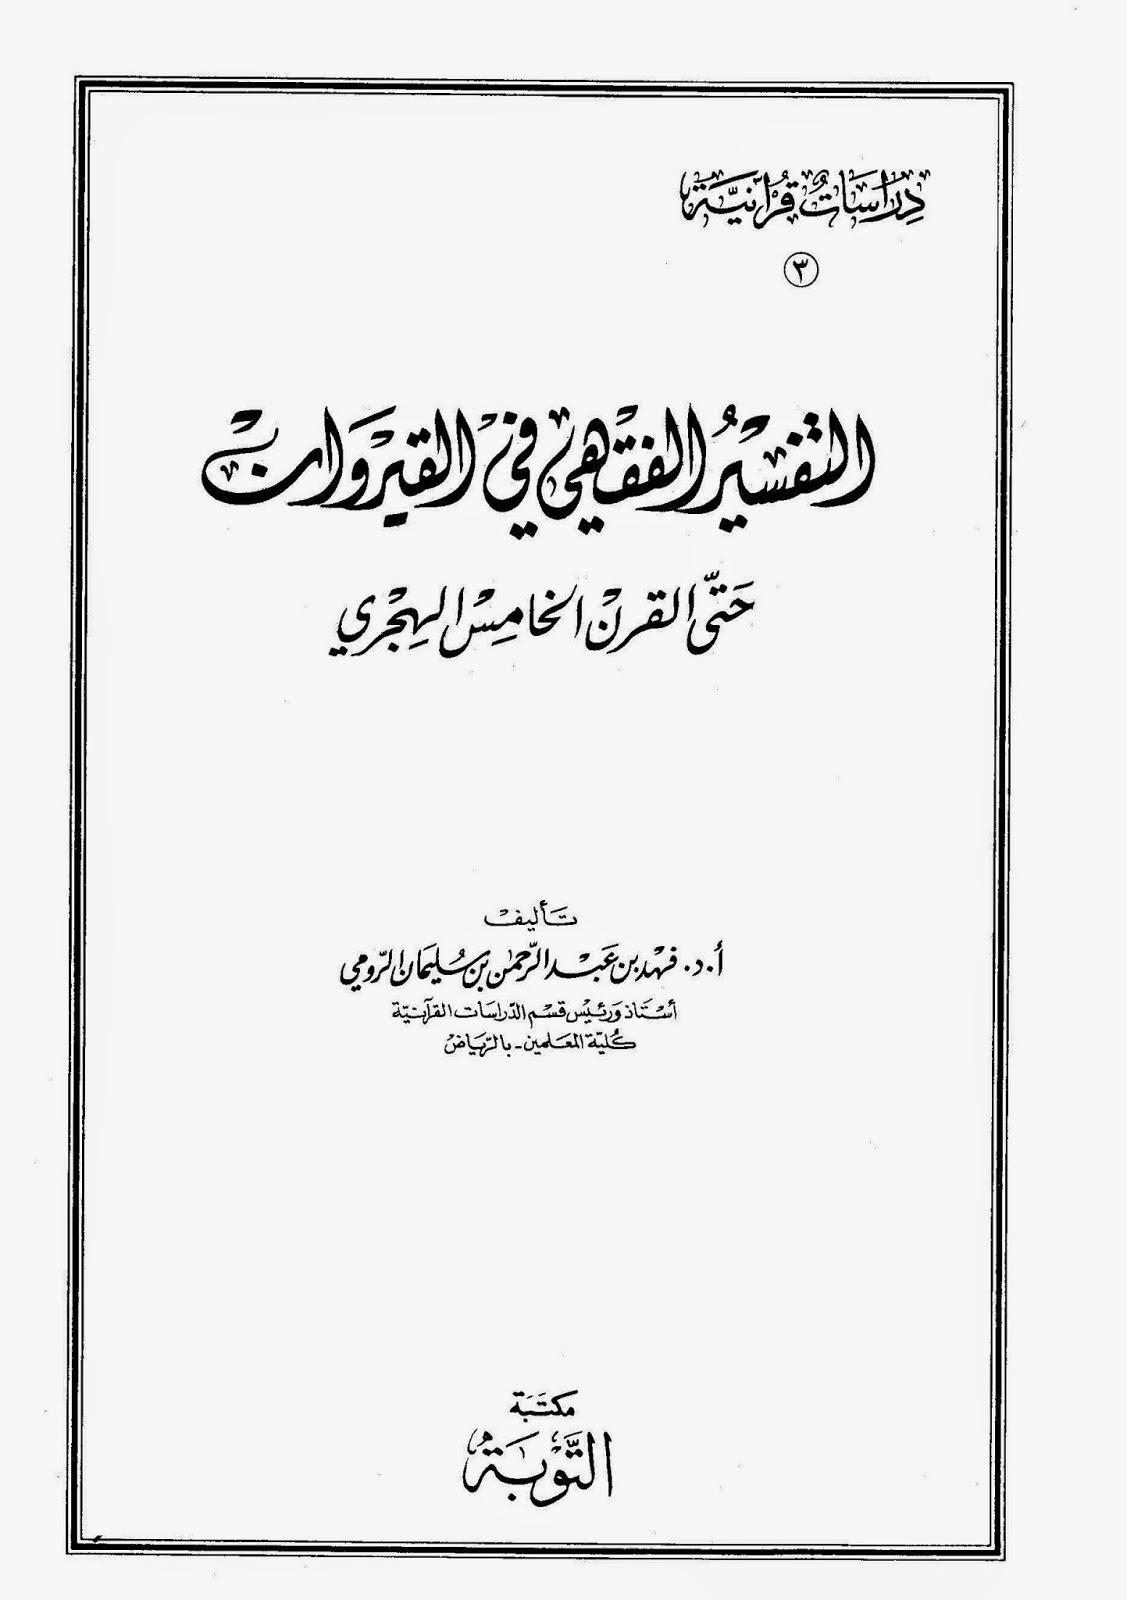 التفسير الفقهي في القيروان حتى القرن الخامس الهجري لـ فهد الرومي